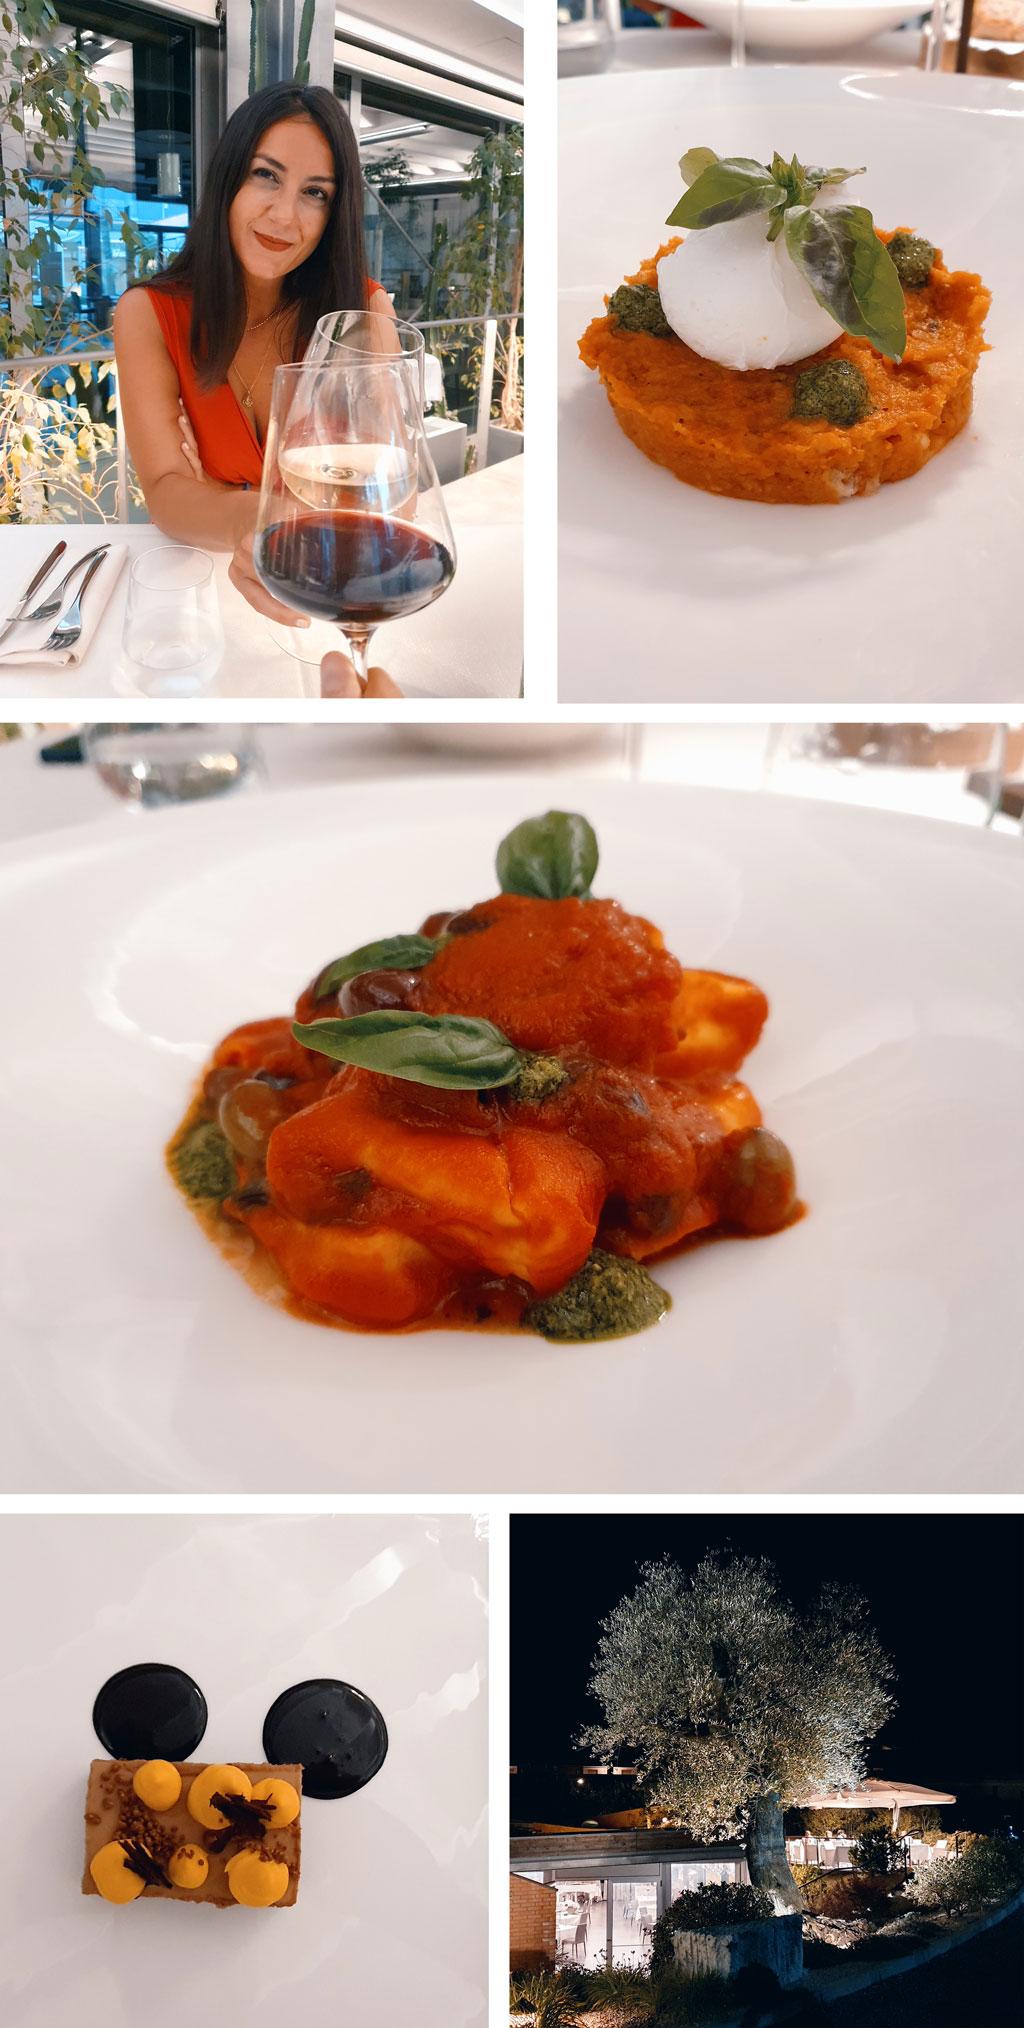 ristorante corbezzoli bologna